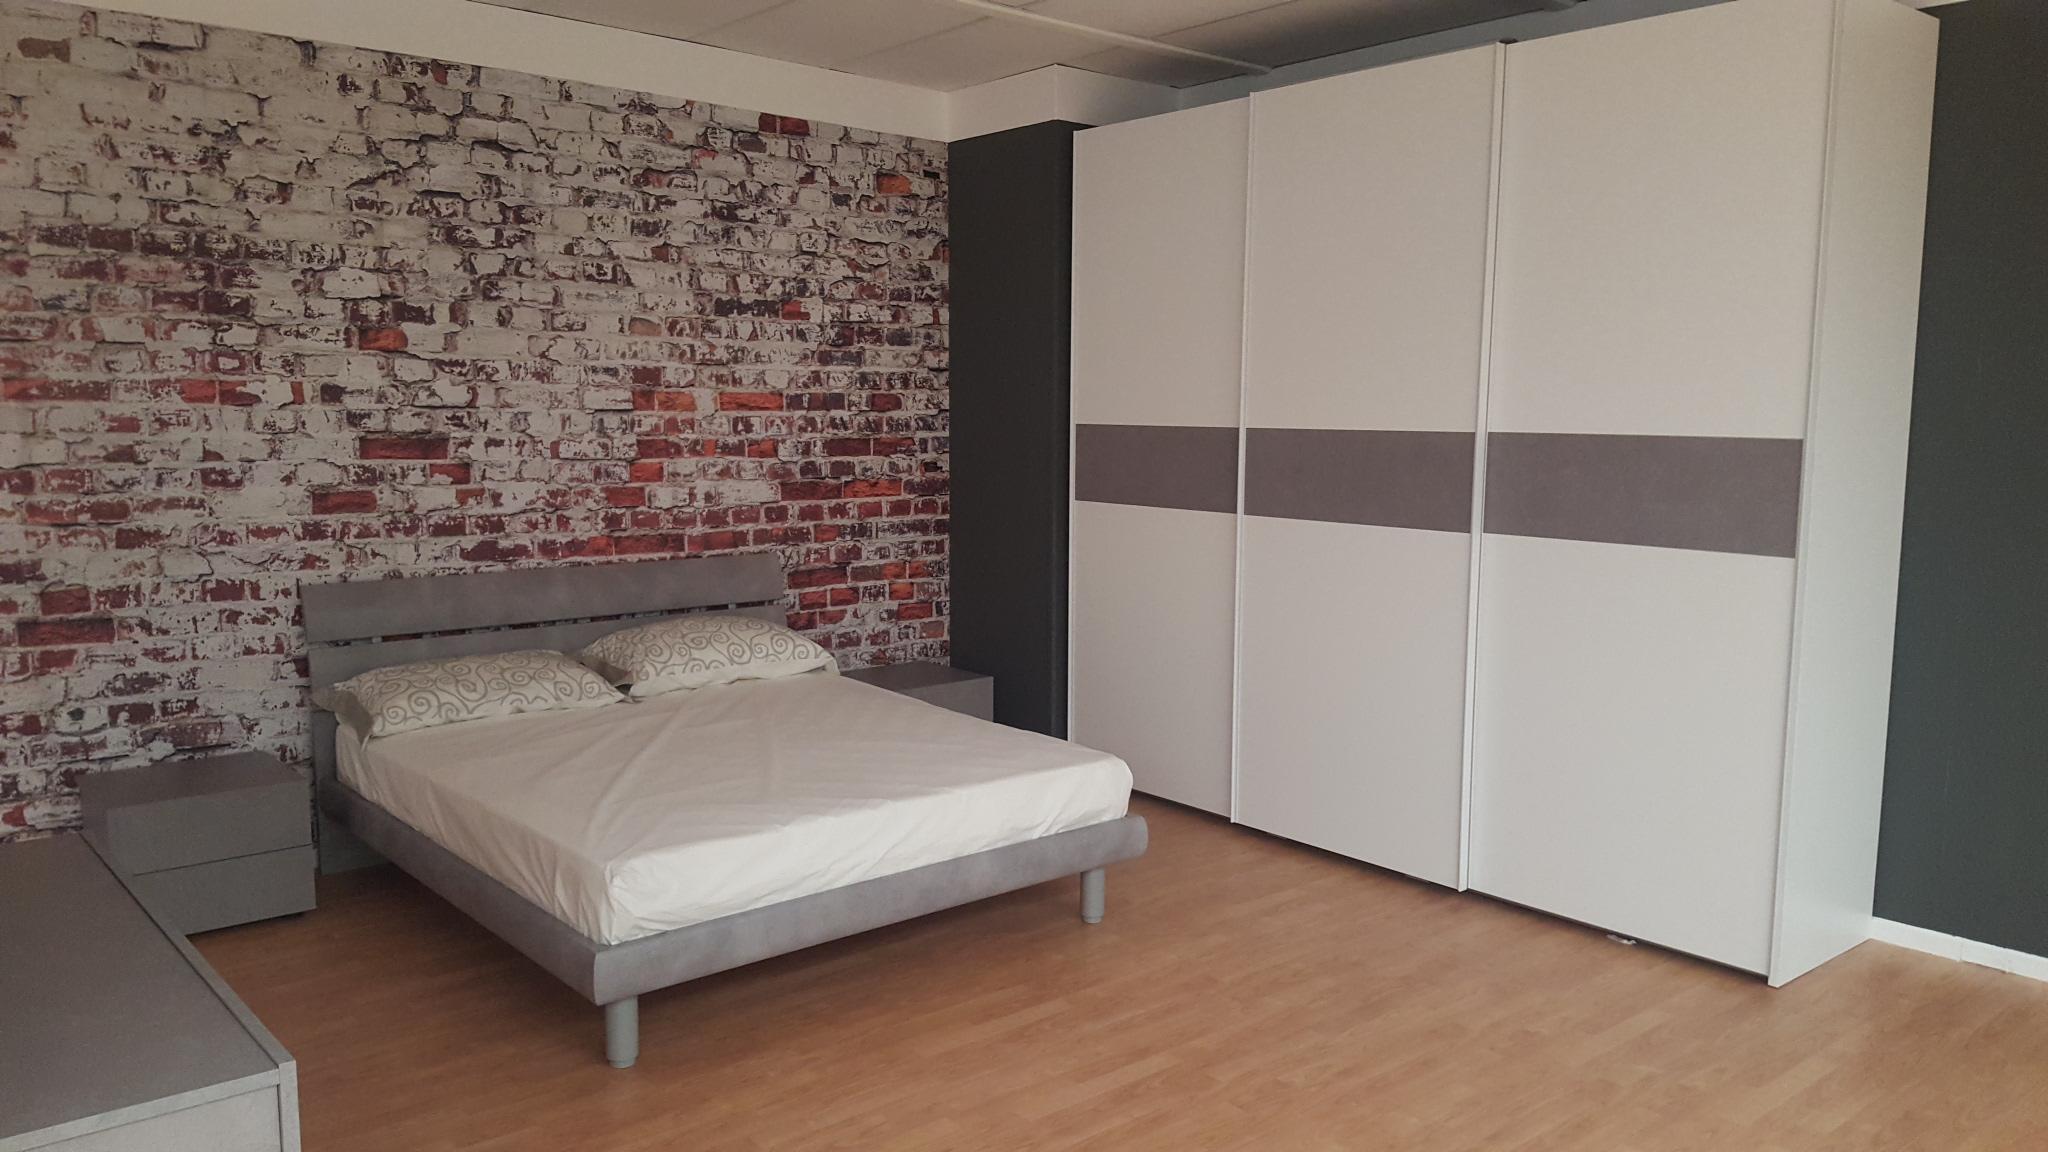 Camera completa bianca e grigia outlet mobili e for Outlet arredamento vicenza